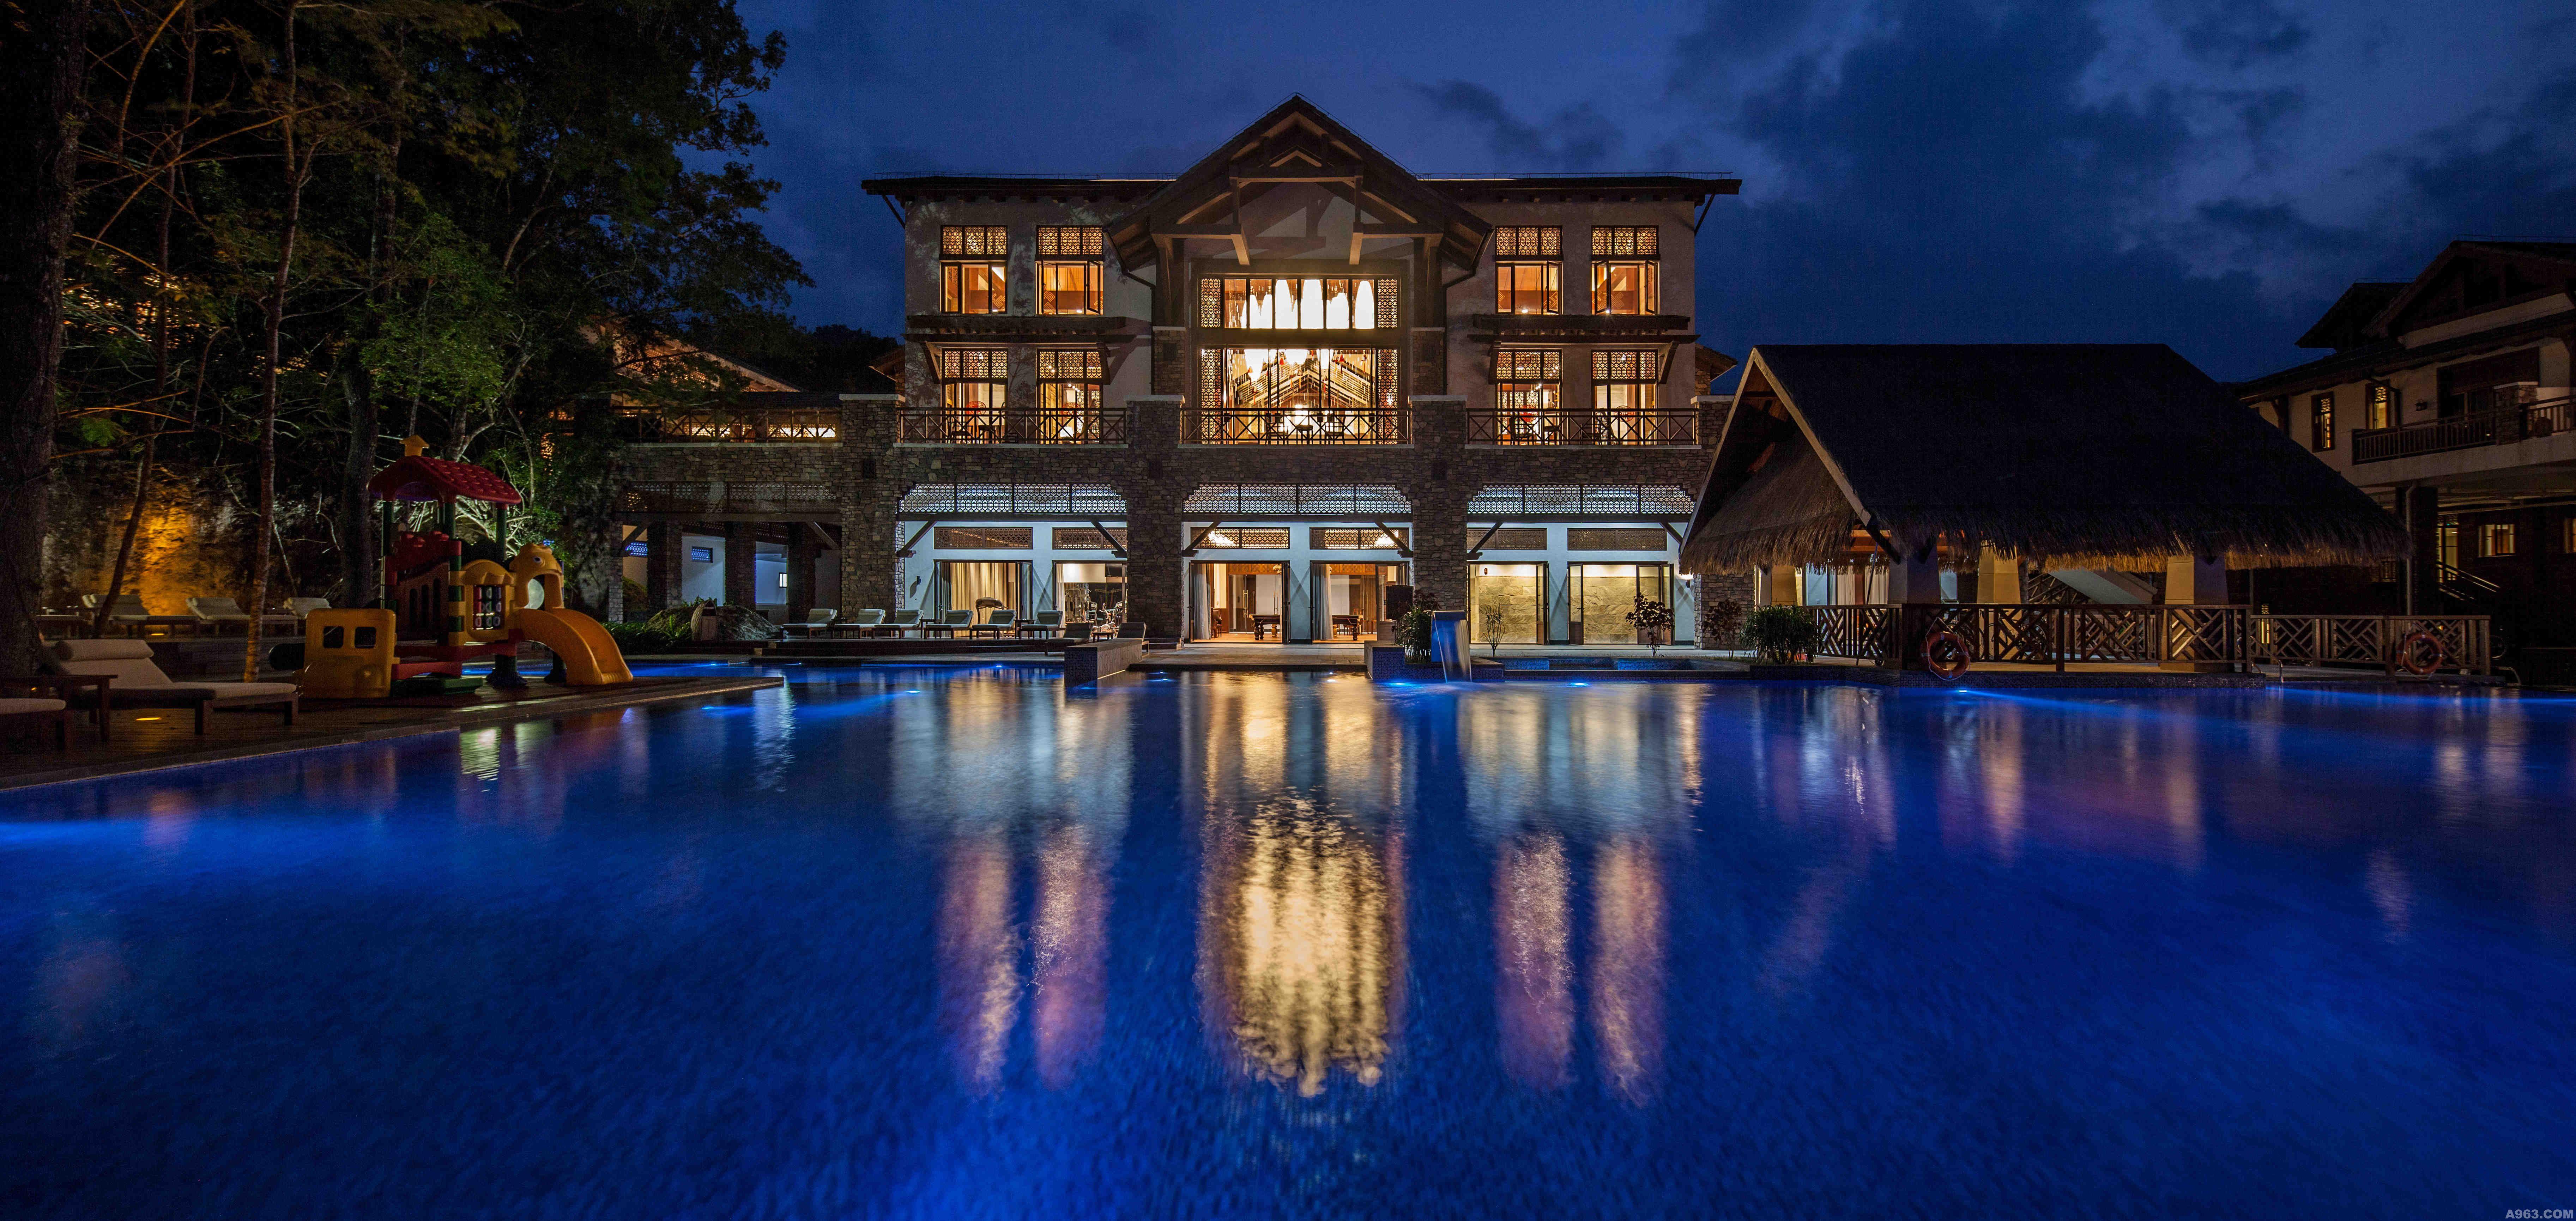 建筑为东南亚风格,兼有五指山山区富有传统和民族特色的船型屋与